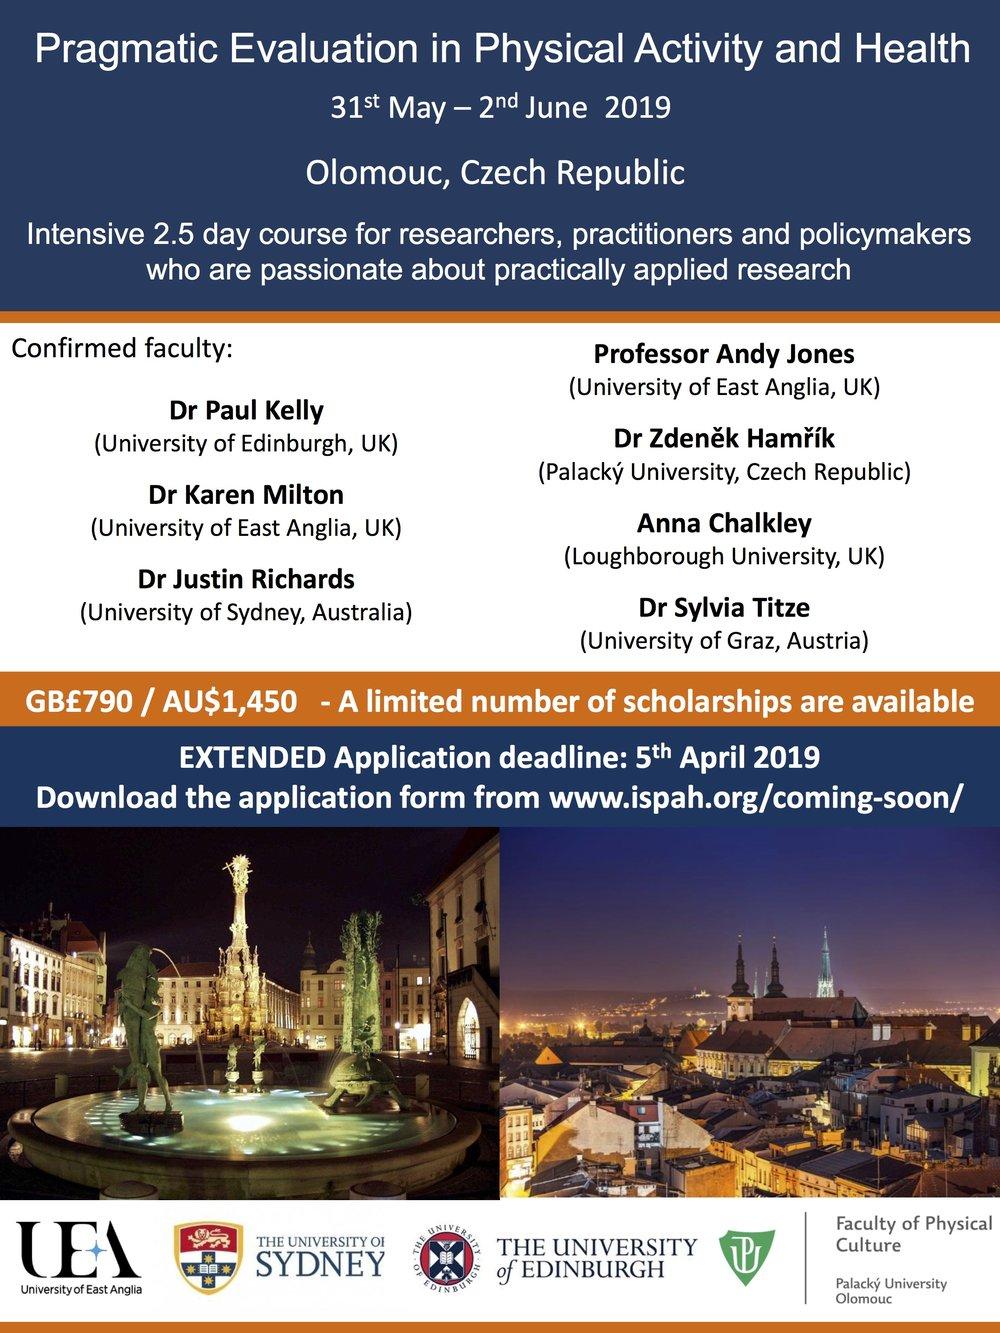 Olomouc flyer - extended deadline_p1.jpg